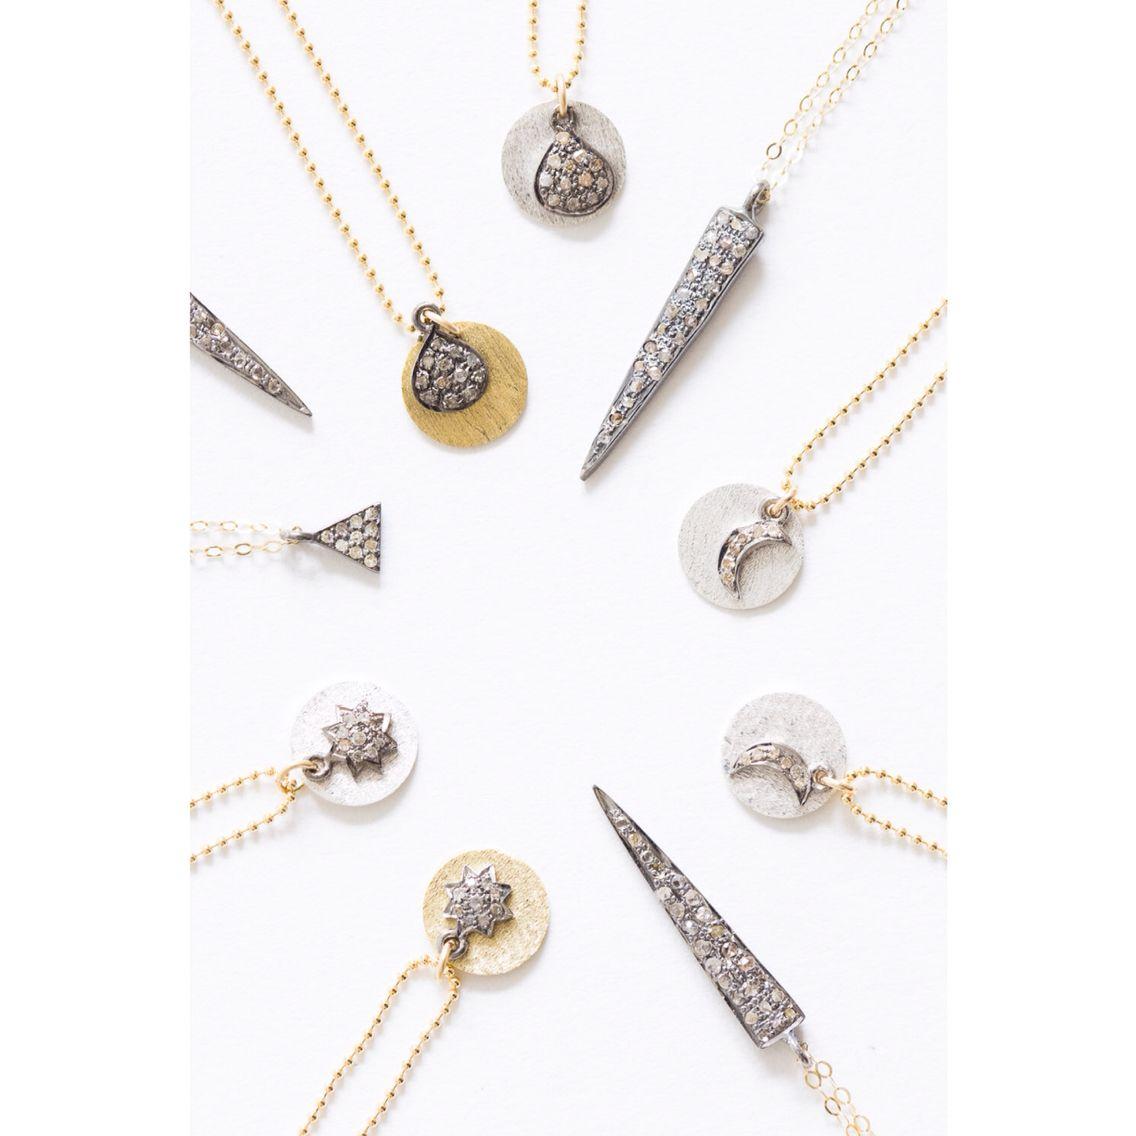 Pavé diamond dainties by Nashville jewelry designer, Brooke Worthington   photo by Alyssa Rosenheck